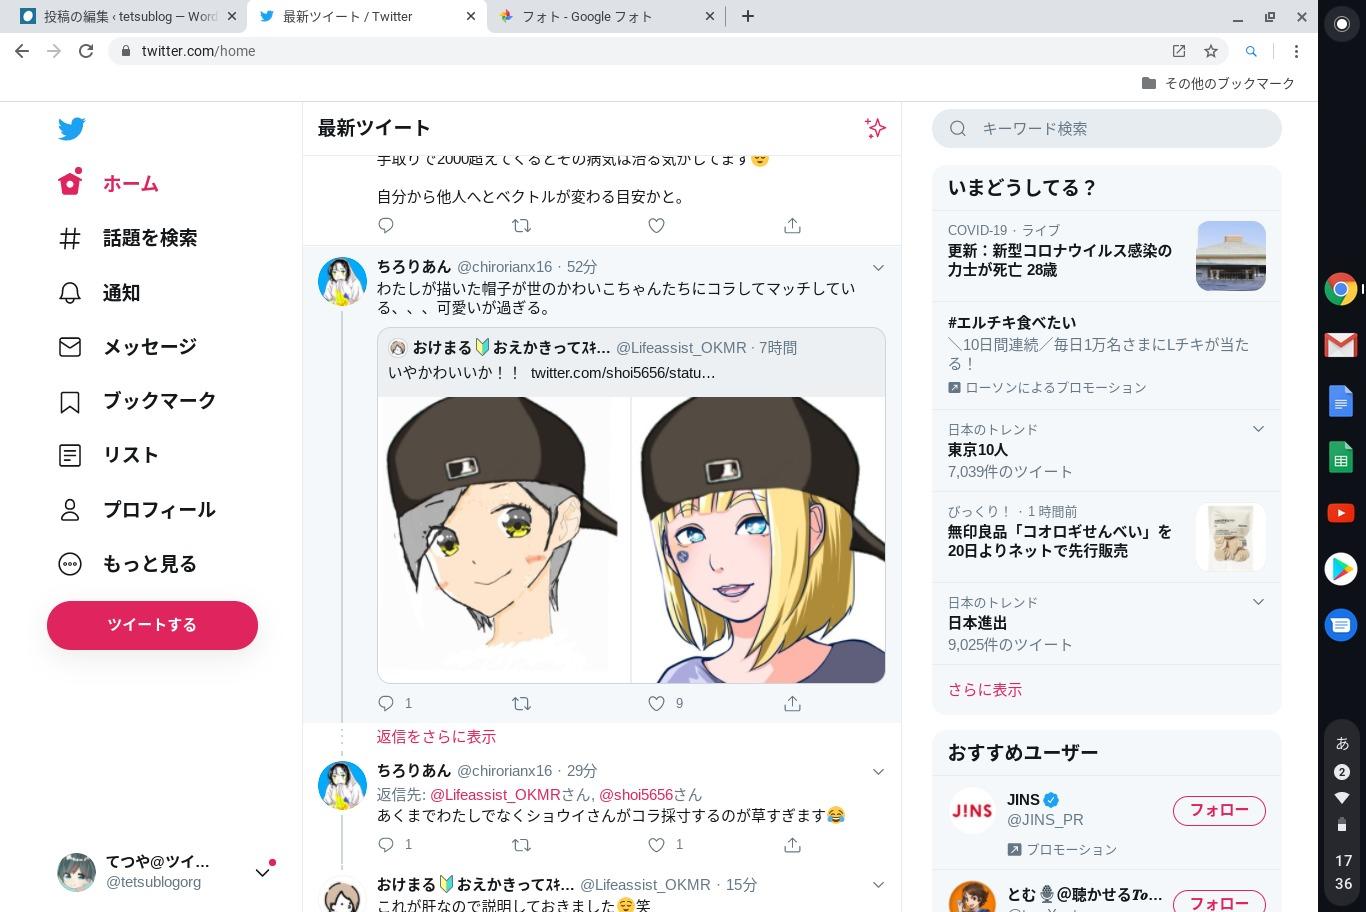 Screenshot-2020-05-13-at-17.36.09